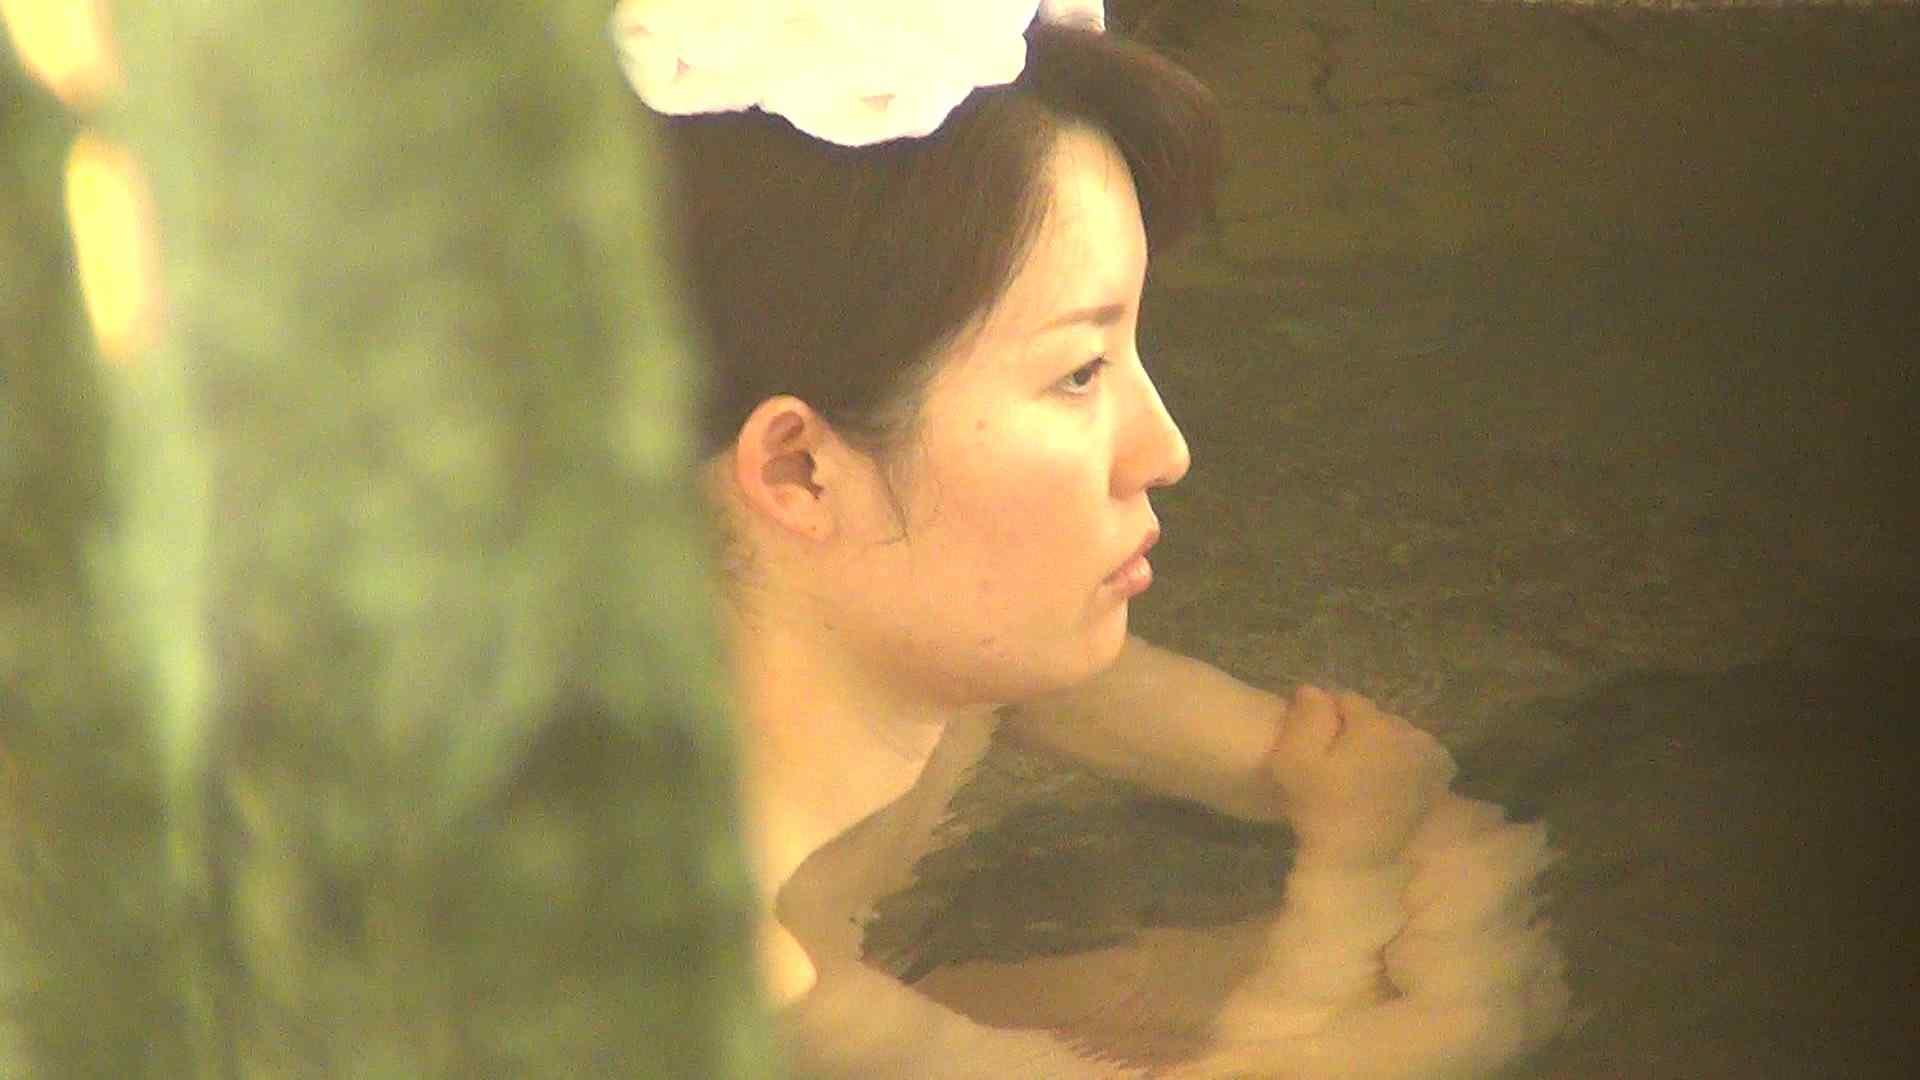 Aquaな露天風呂Vol.301 OLハメ撮り  41Pix 38